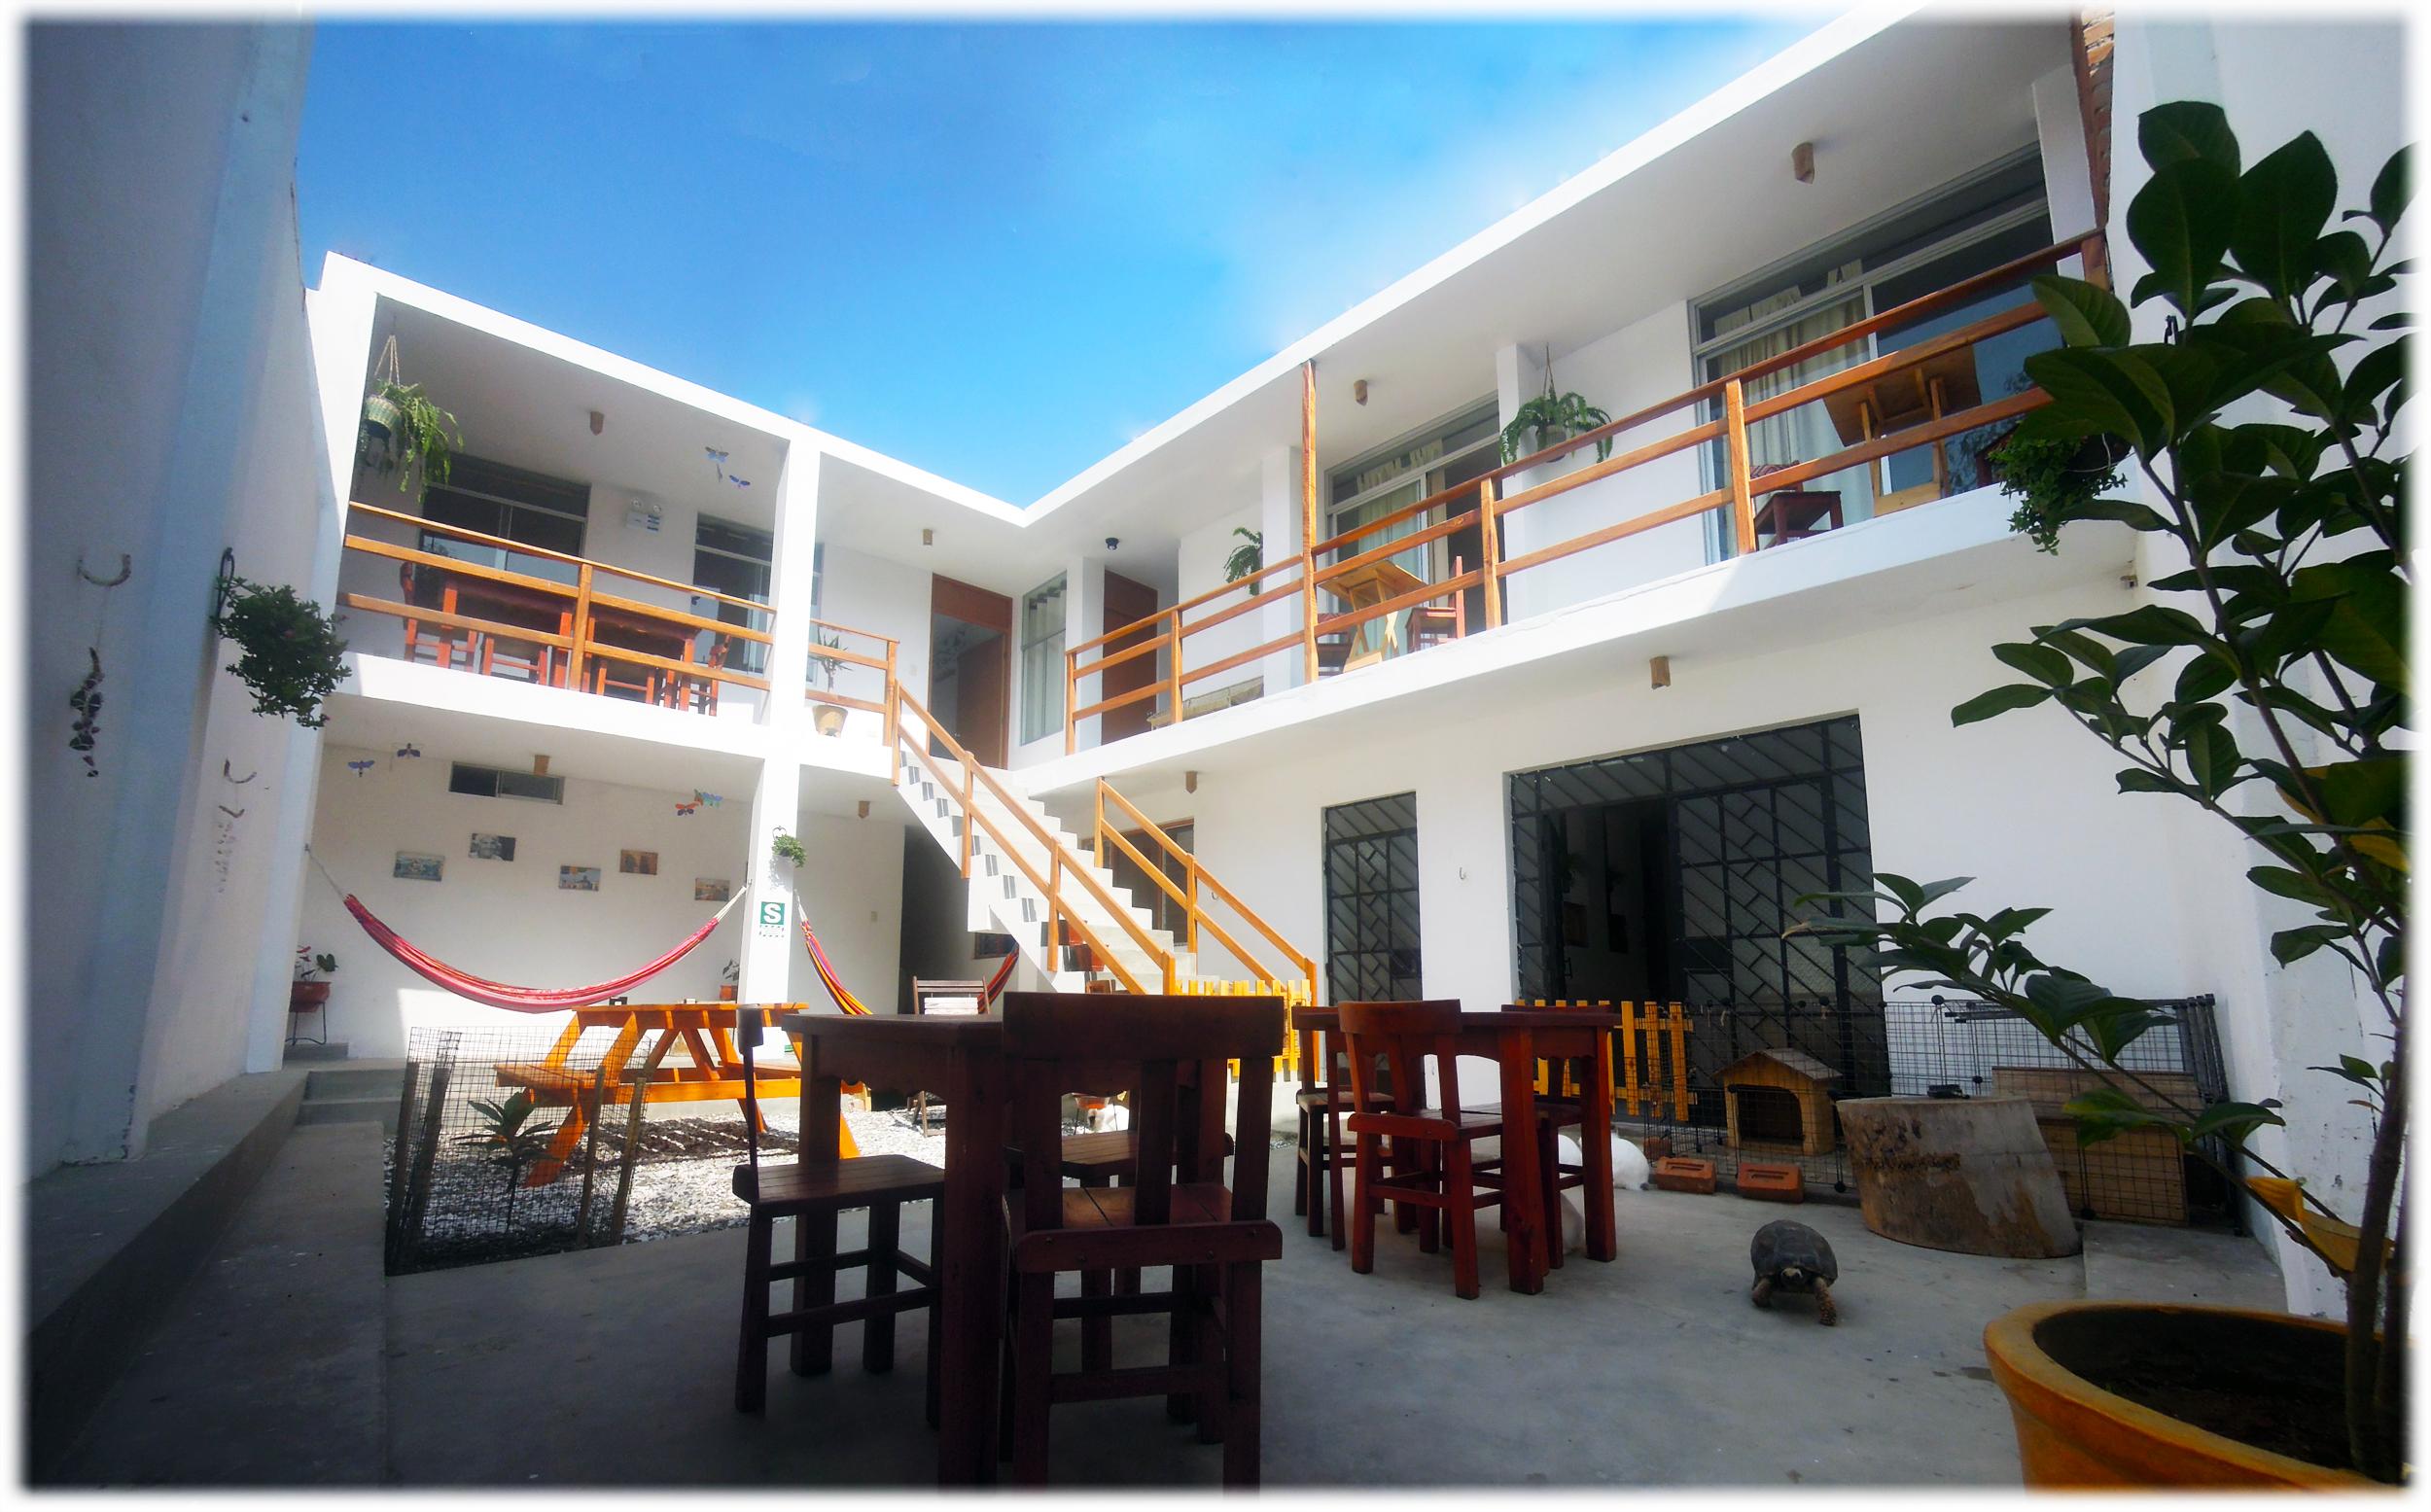 ATMA Hostel & Yoga